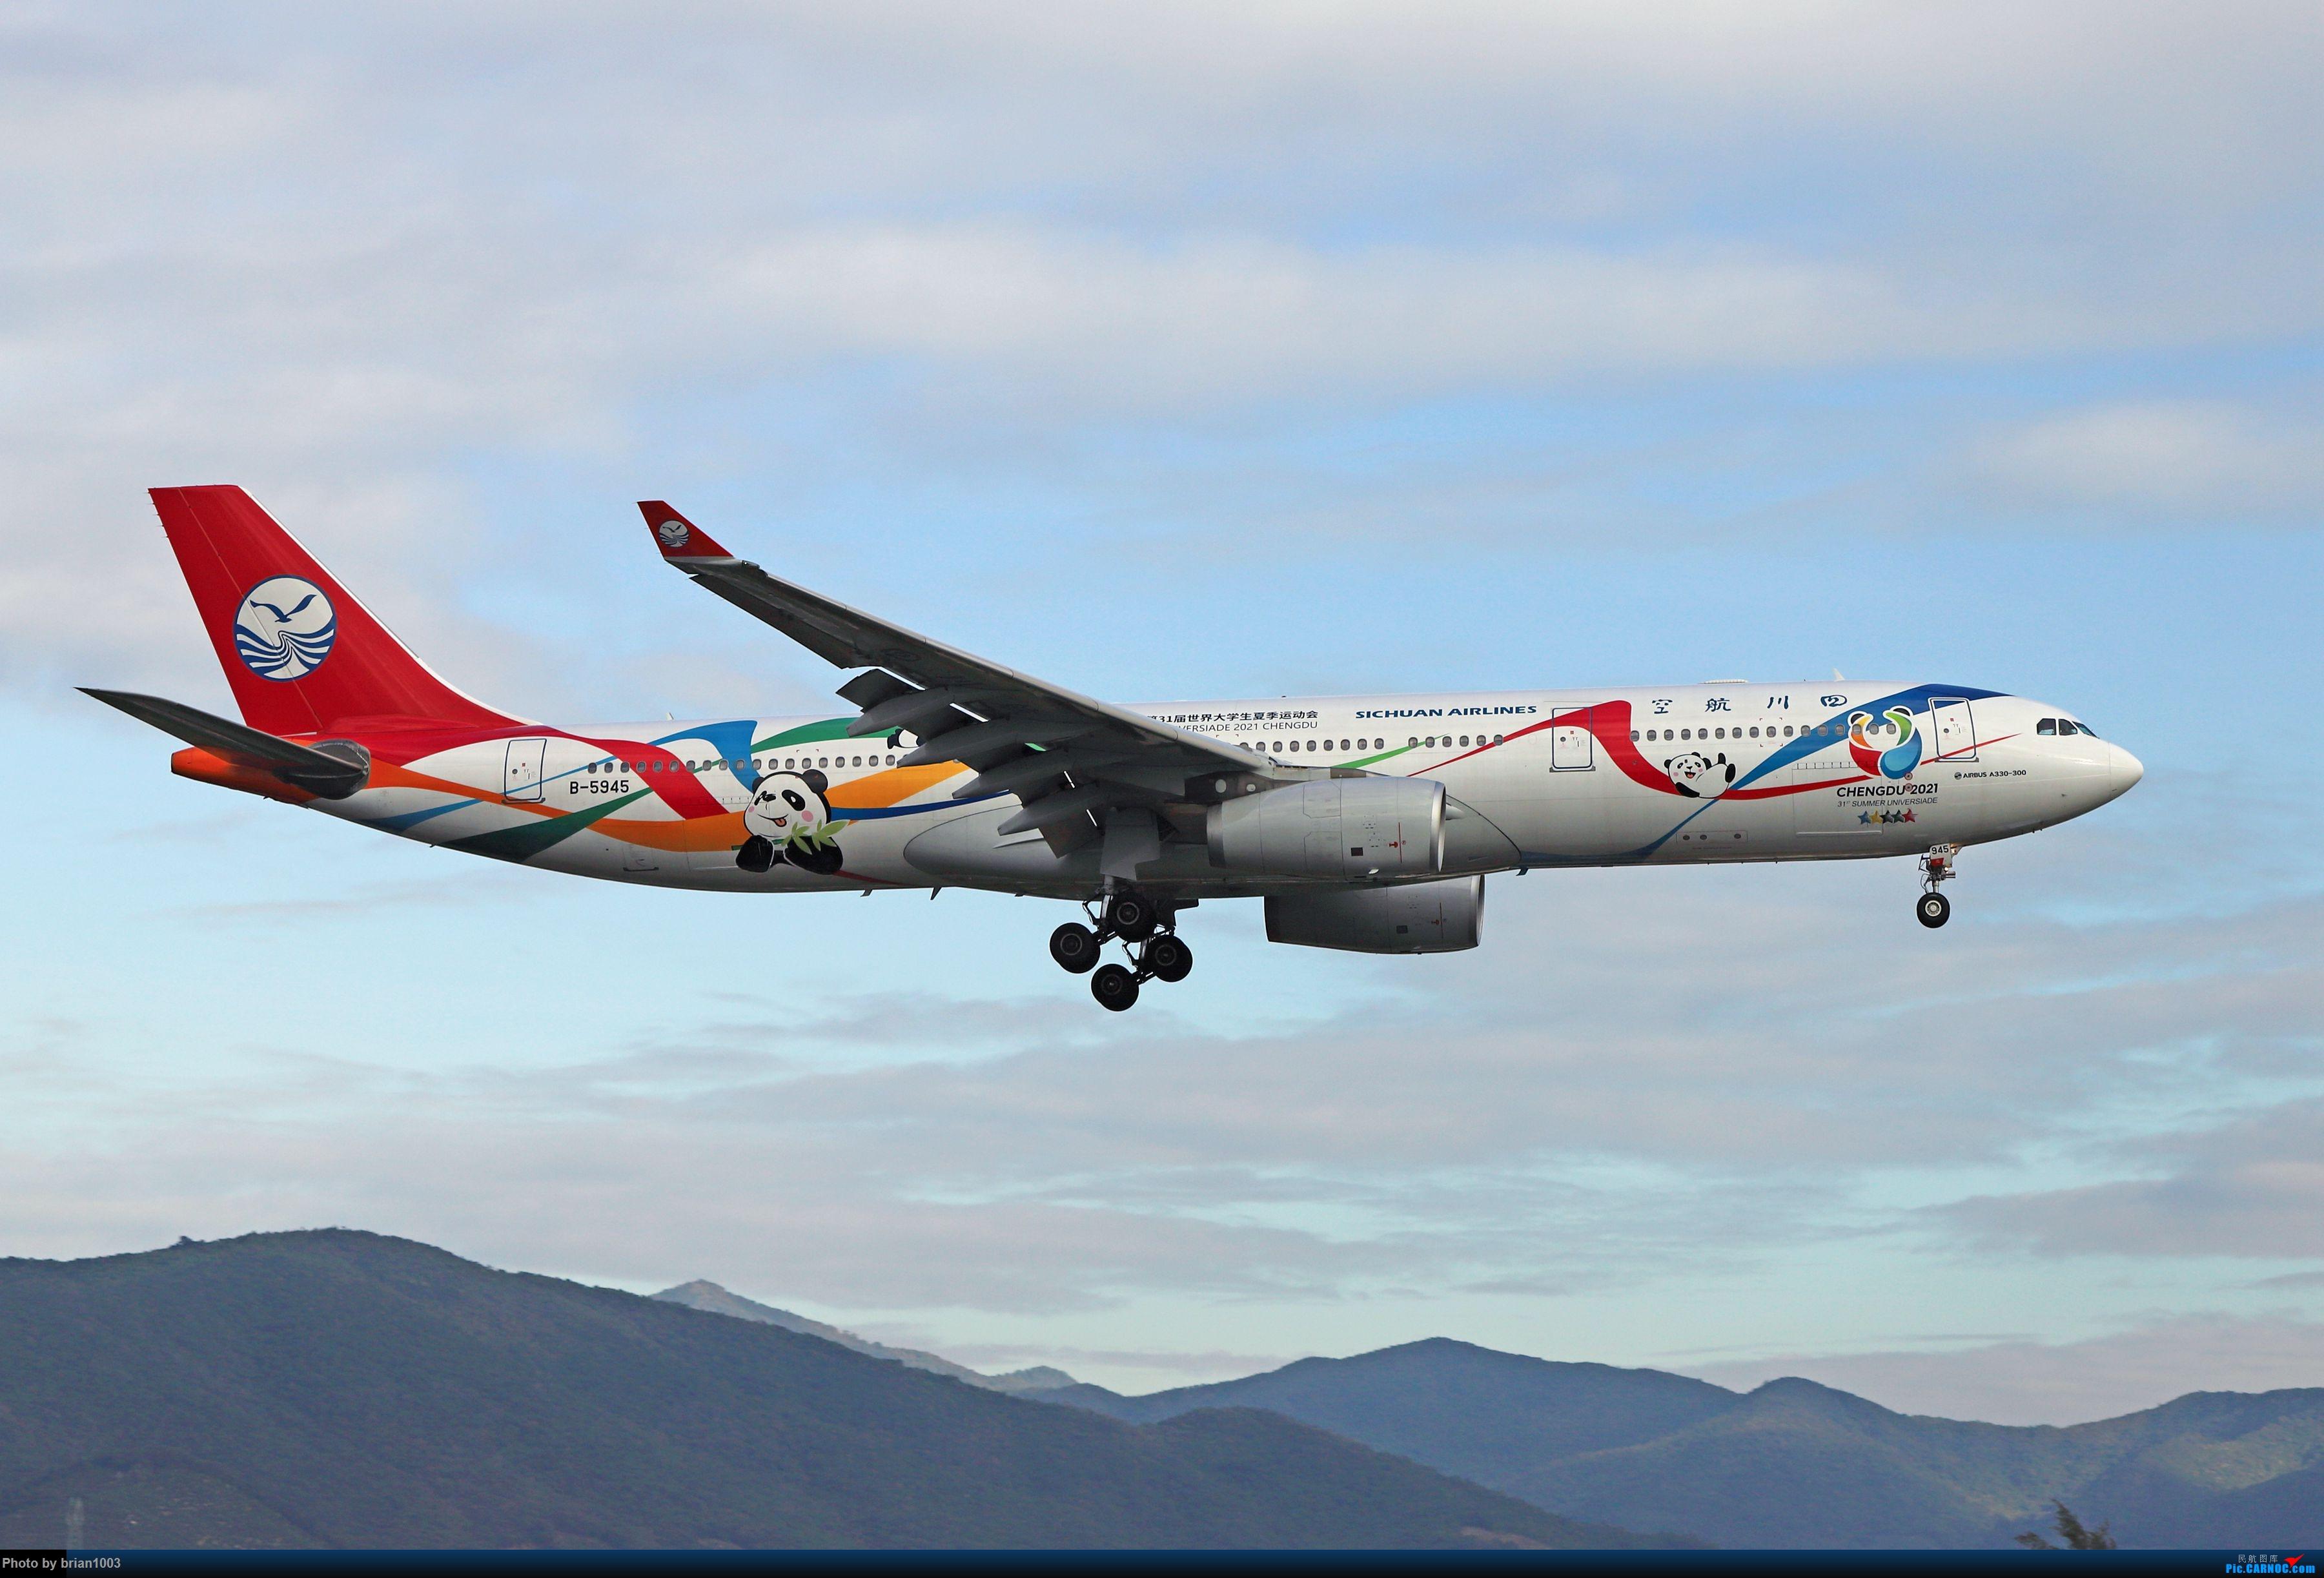 Re:[原创]CZ3347-CZ6734-HU7659,忙里偷闲的三亚拍机之行 AIRBUS A330-300 B-5945 中国三亚凤凰国际机场